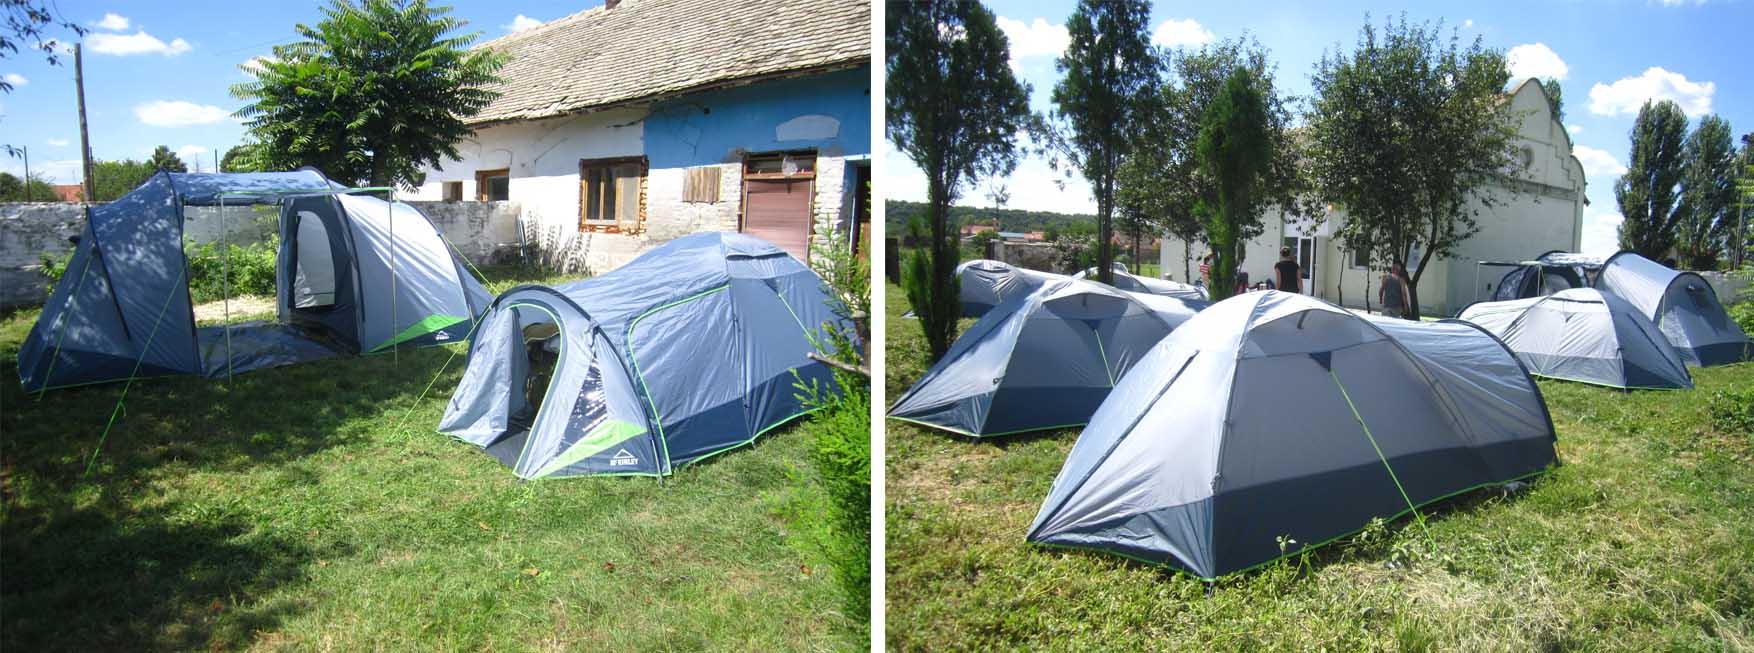 03 kamp zemljane arhitekture_postavljanje kampa